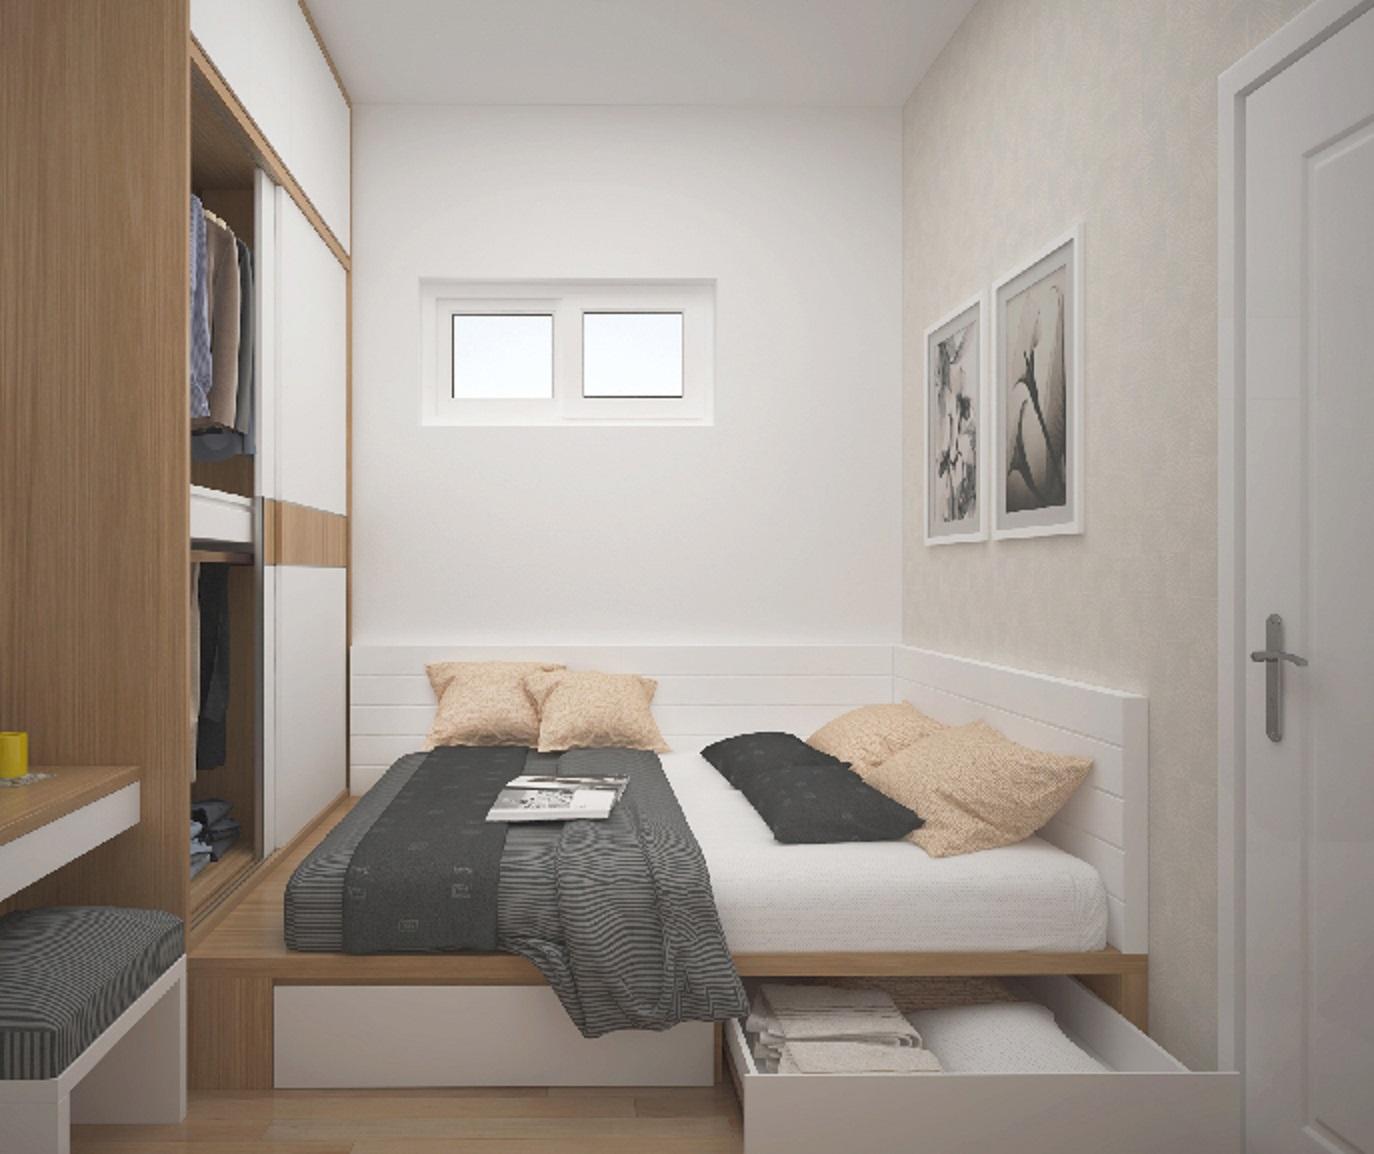 Thiết kế nội thất chung cư time city anh Hưng